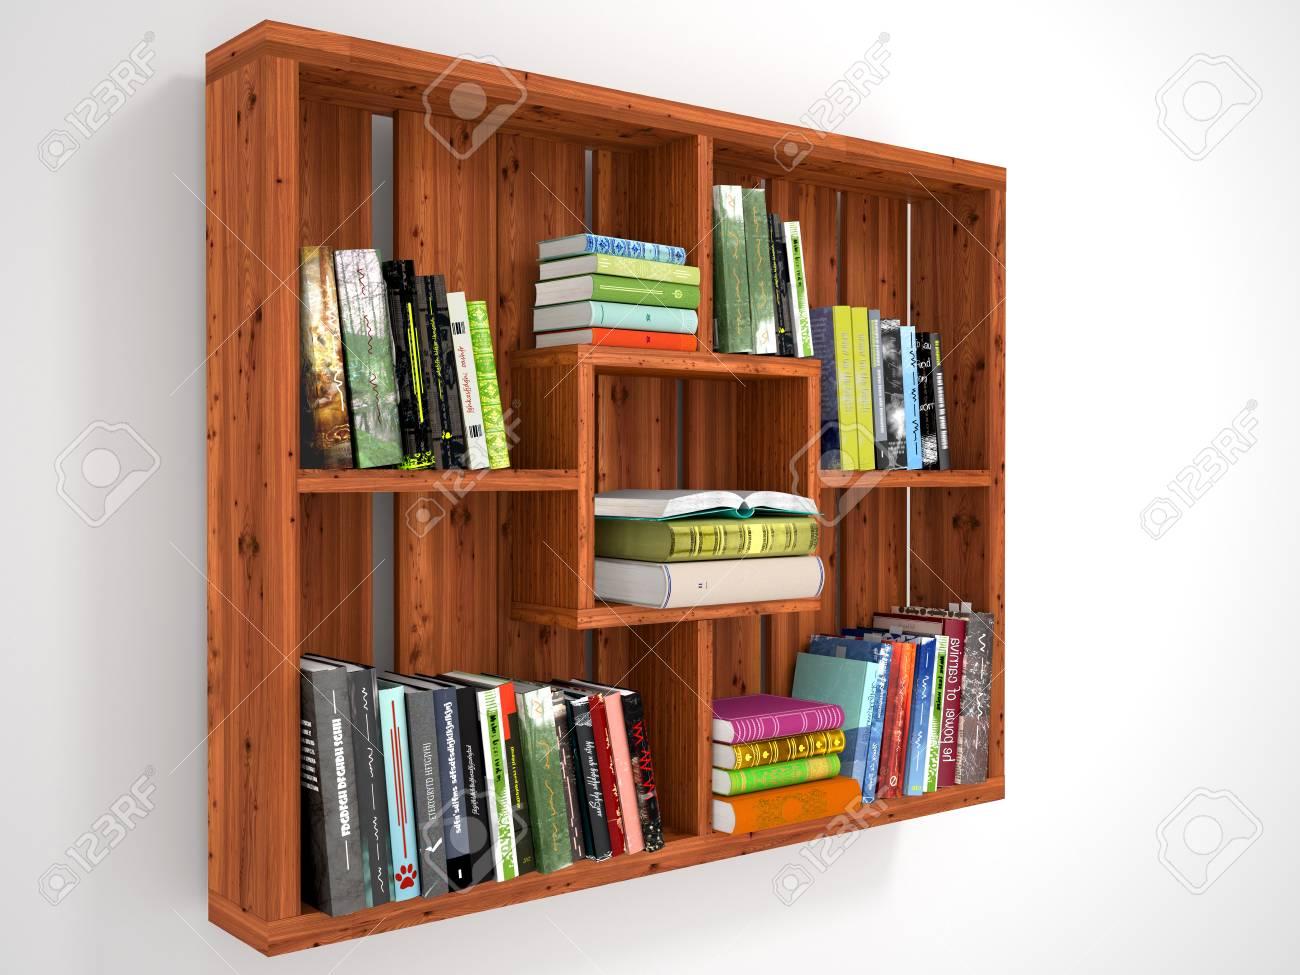 Scaffalature In Legno Per Libri.Immagini Stock Scaffali In Legno Con Libri Illustrazione 3d